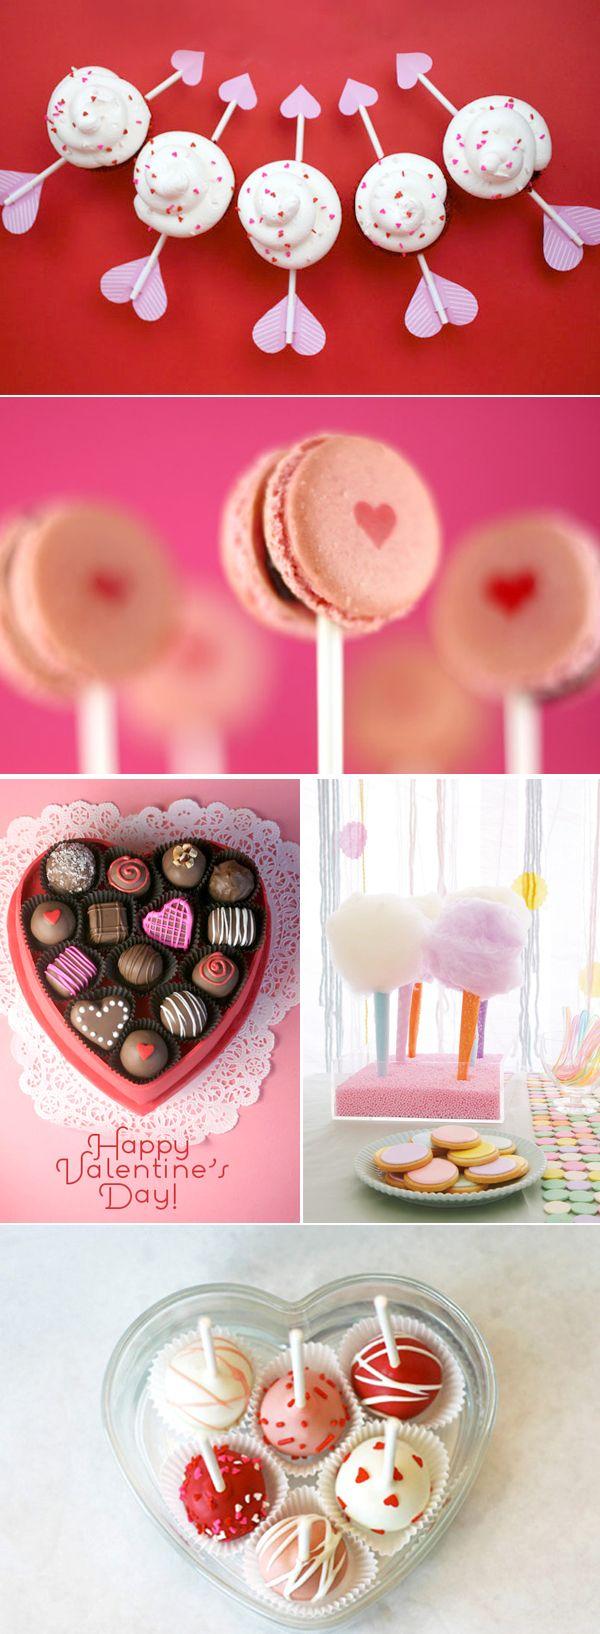 valentine's day desserts no bake